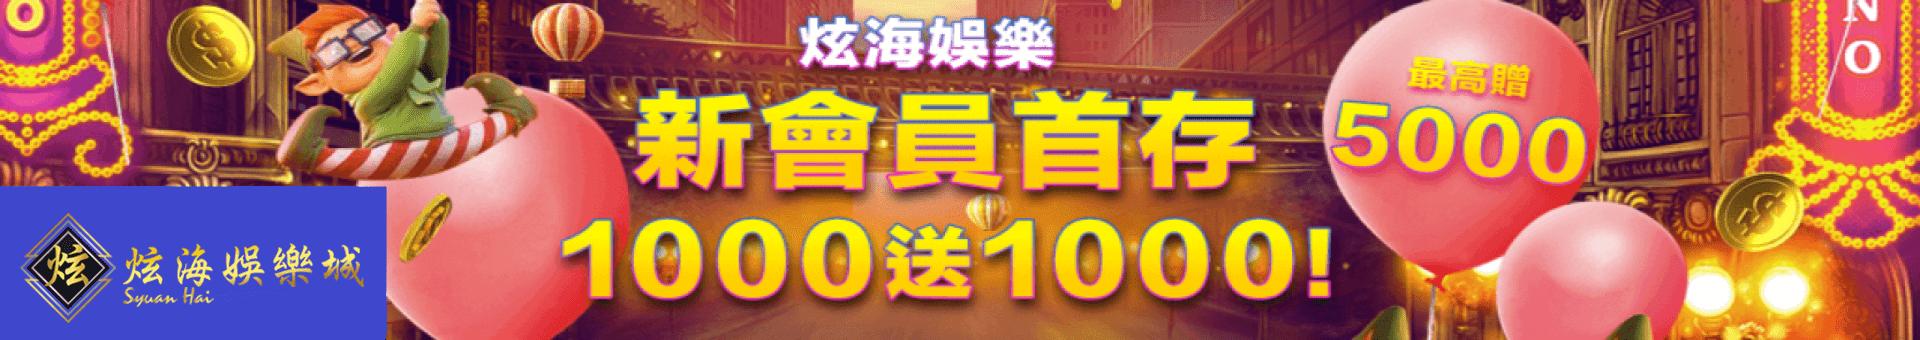 炫海娛樂城1000送1000